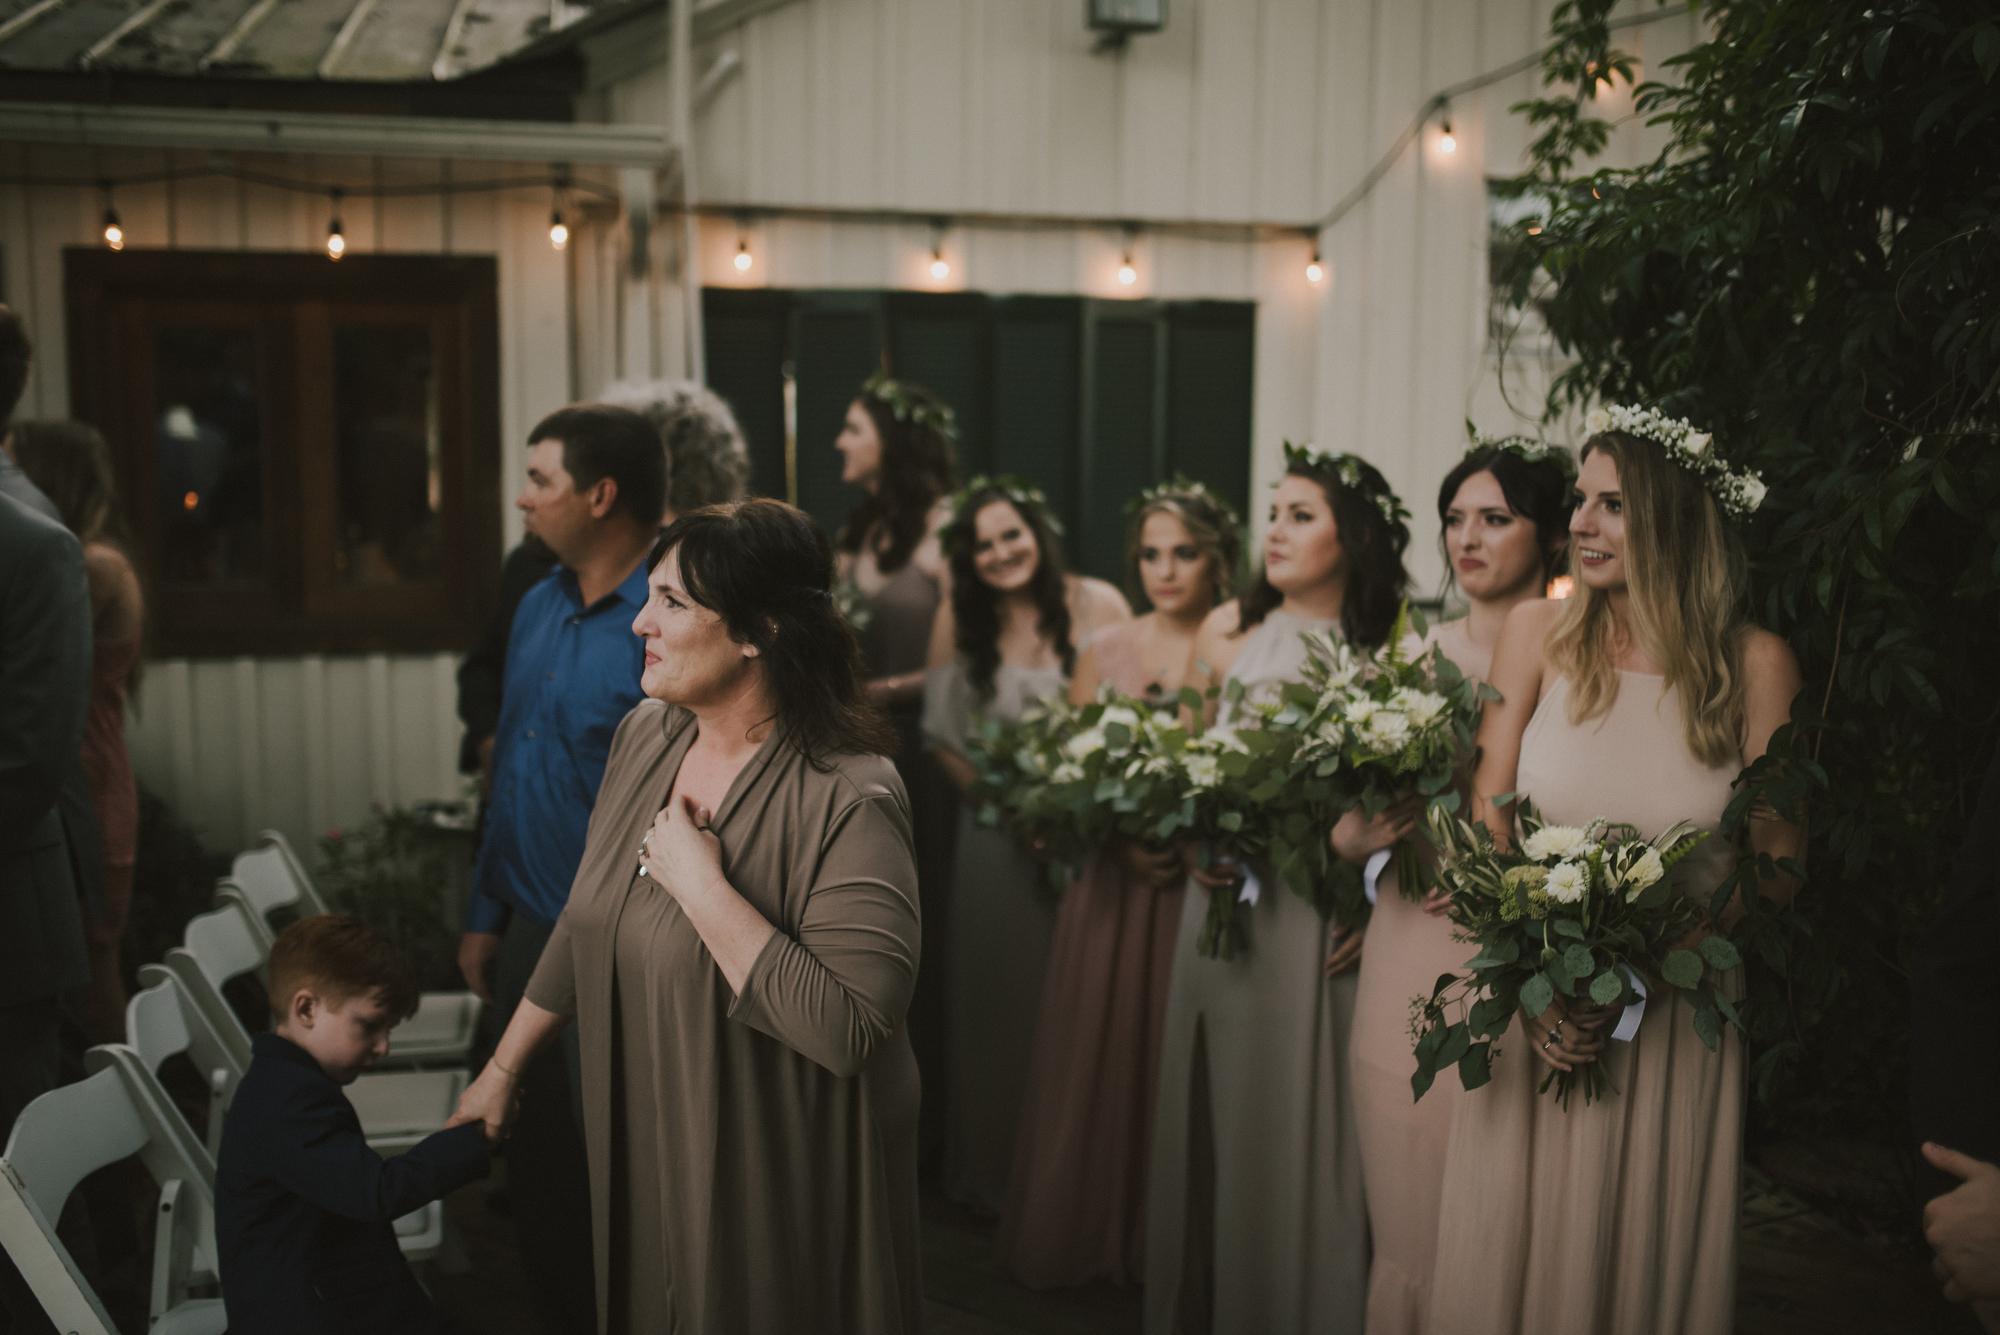 ofRen_weddingphotography079.JPG